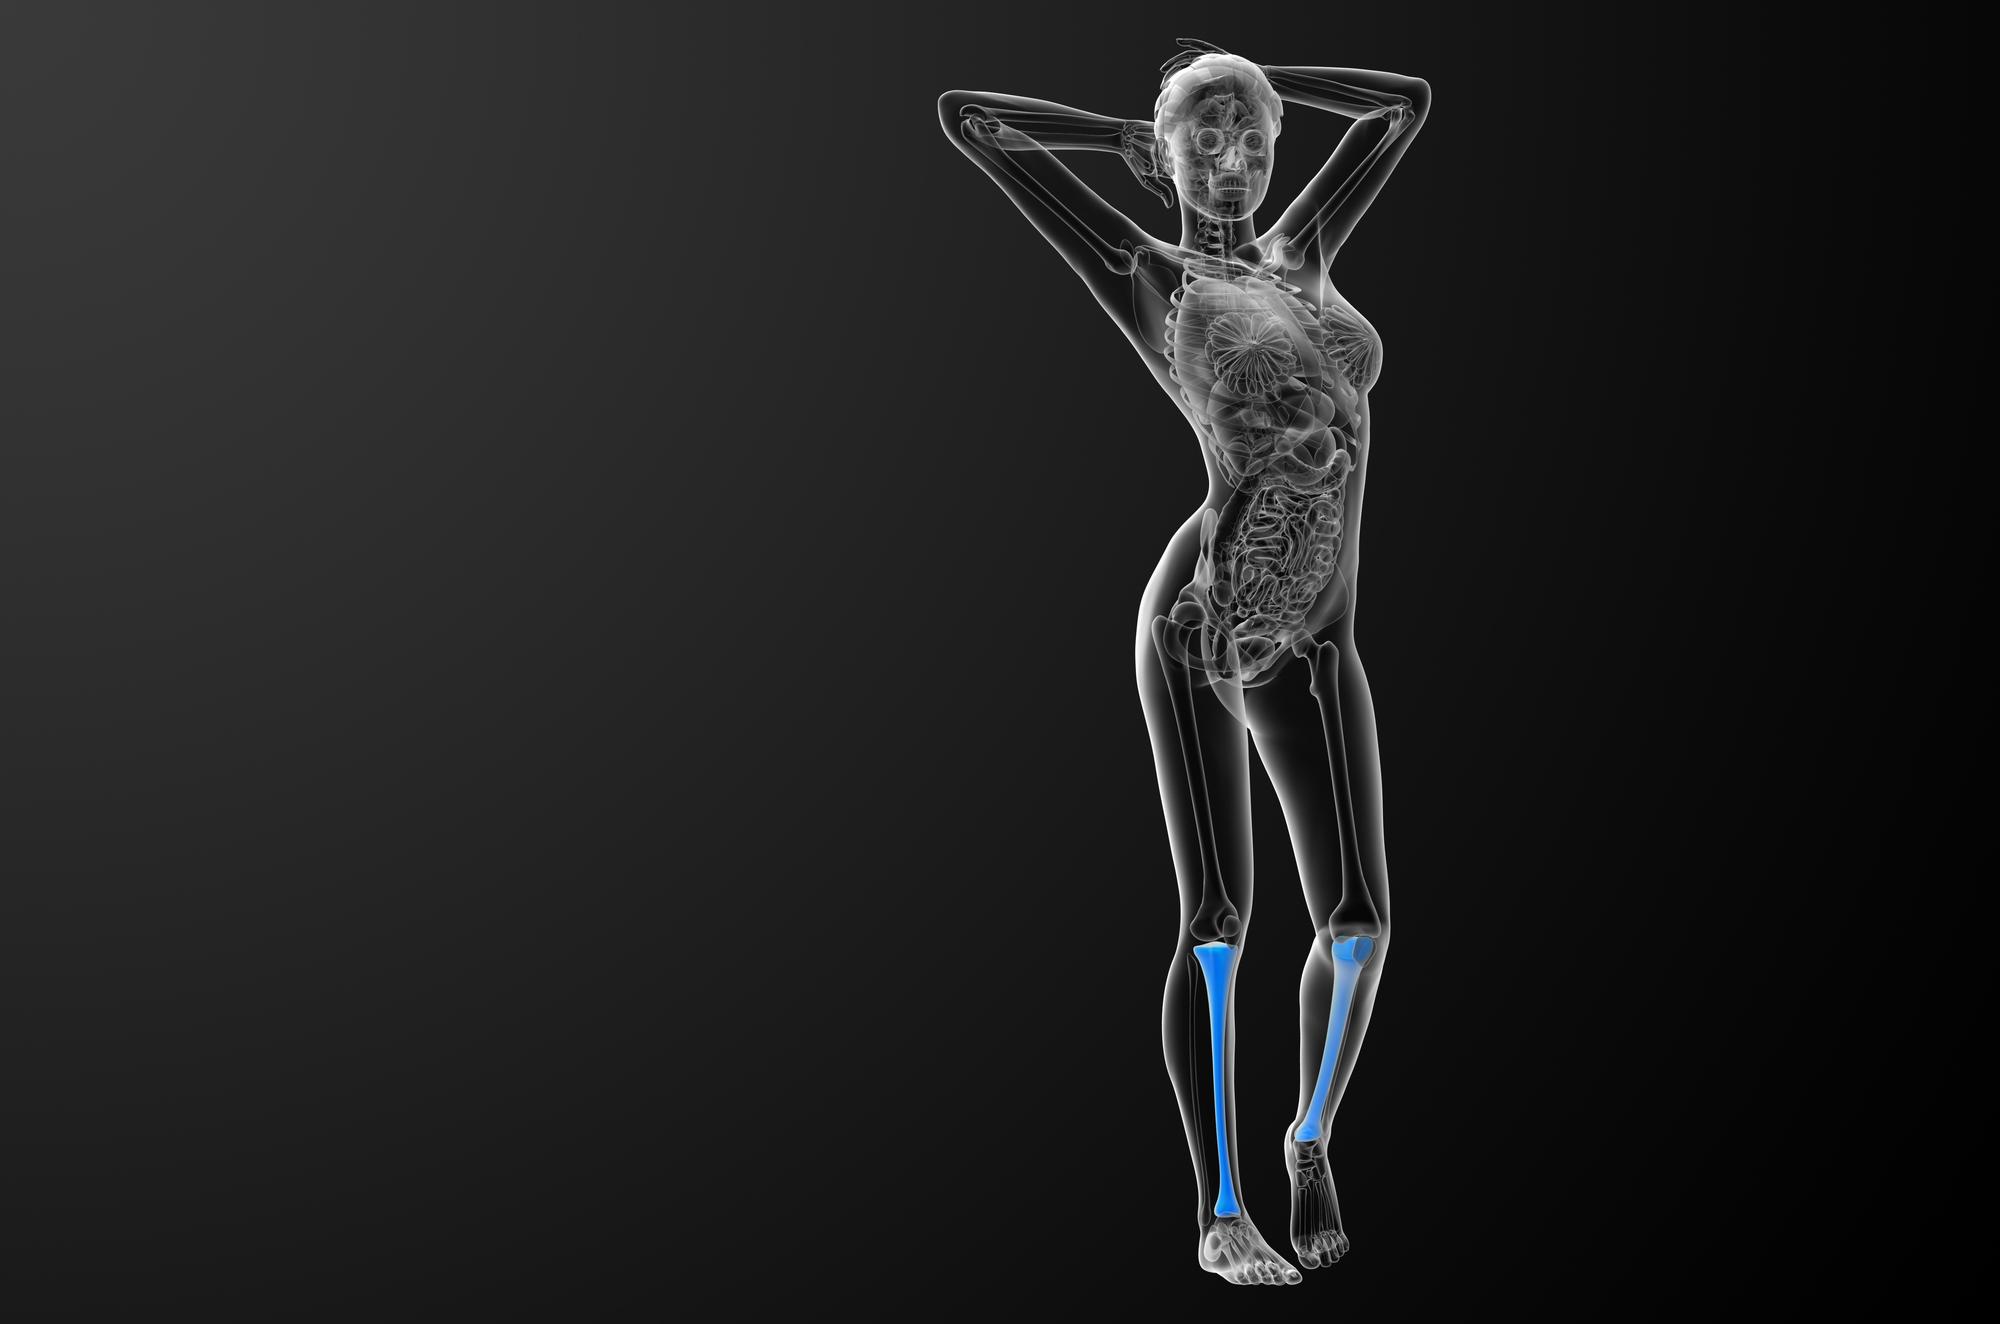 コラーゲンは骨にとって大切な存在